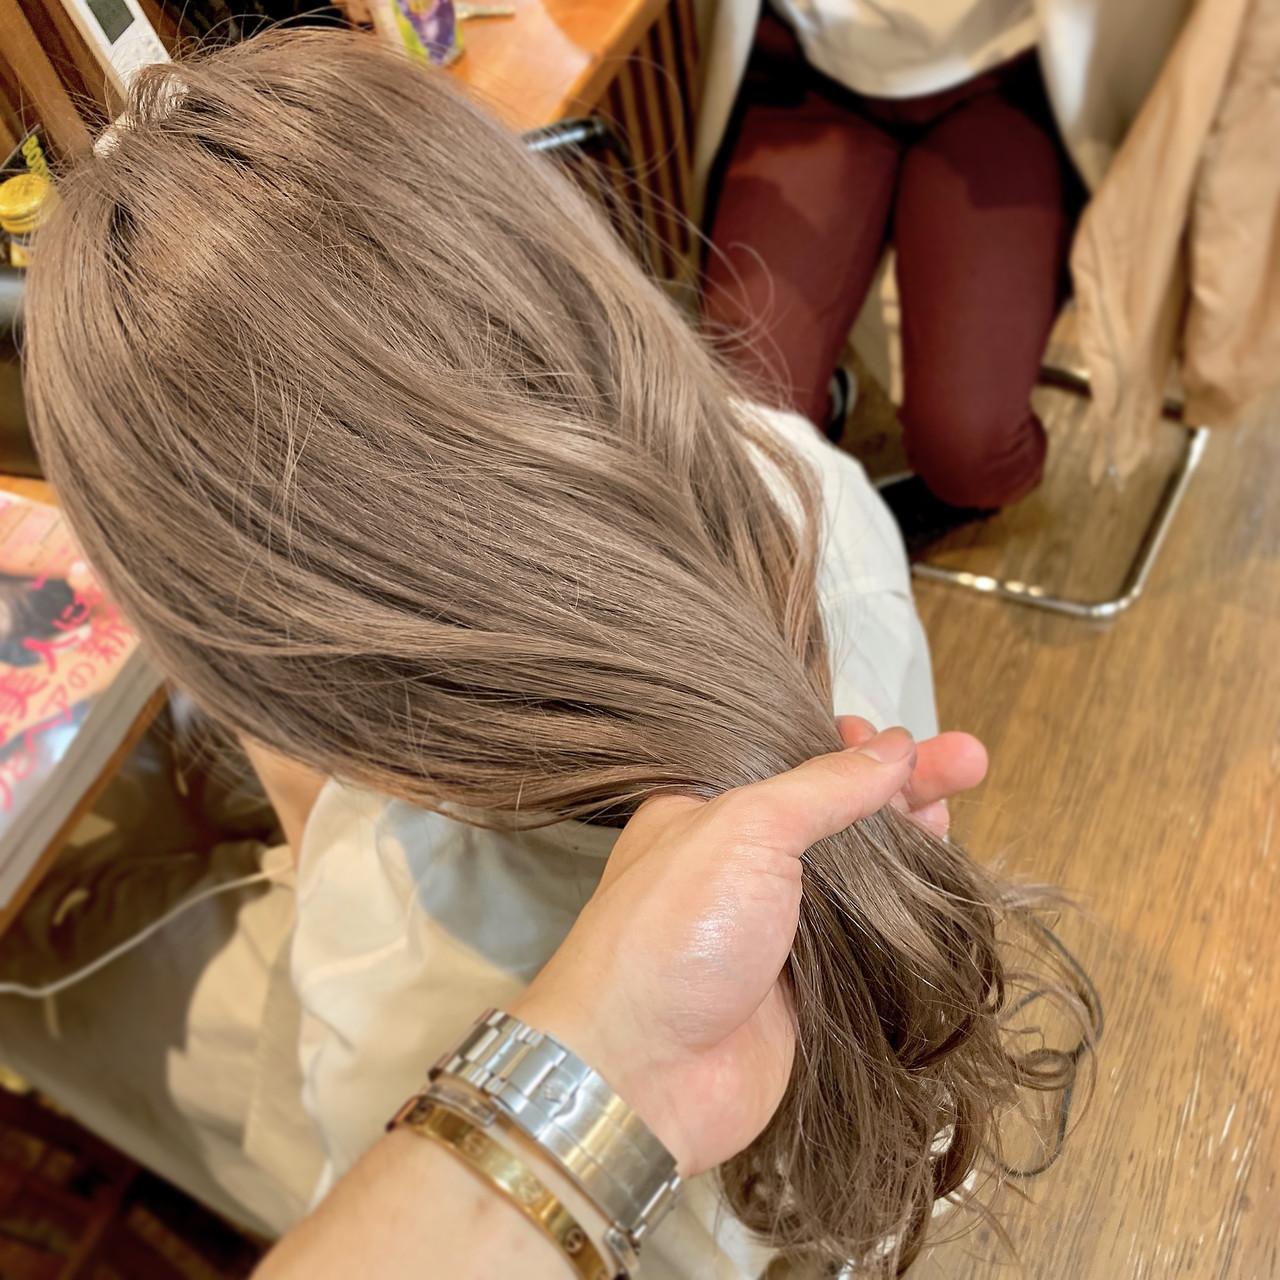 セミロング ヘアアレンジ 結婚式 ミルクティーベージュ ヘアスタイルや髪型の写真・画像 | デザインカラー講師 REOMA / BLITZ R-EVOLUT